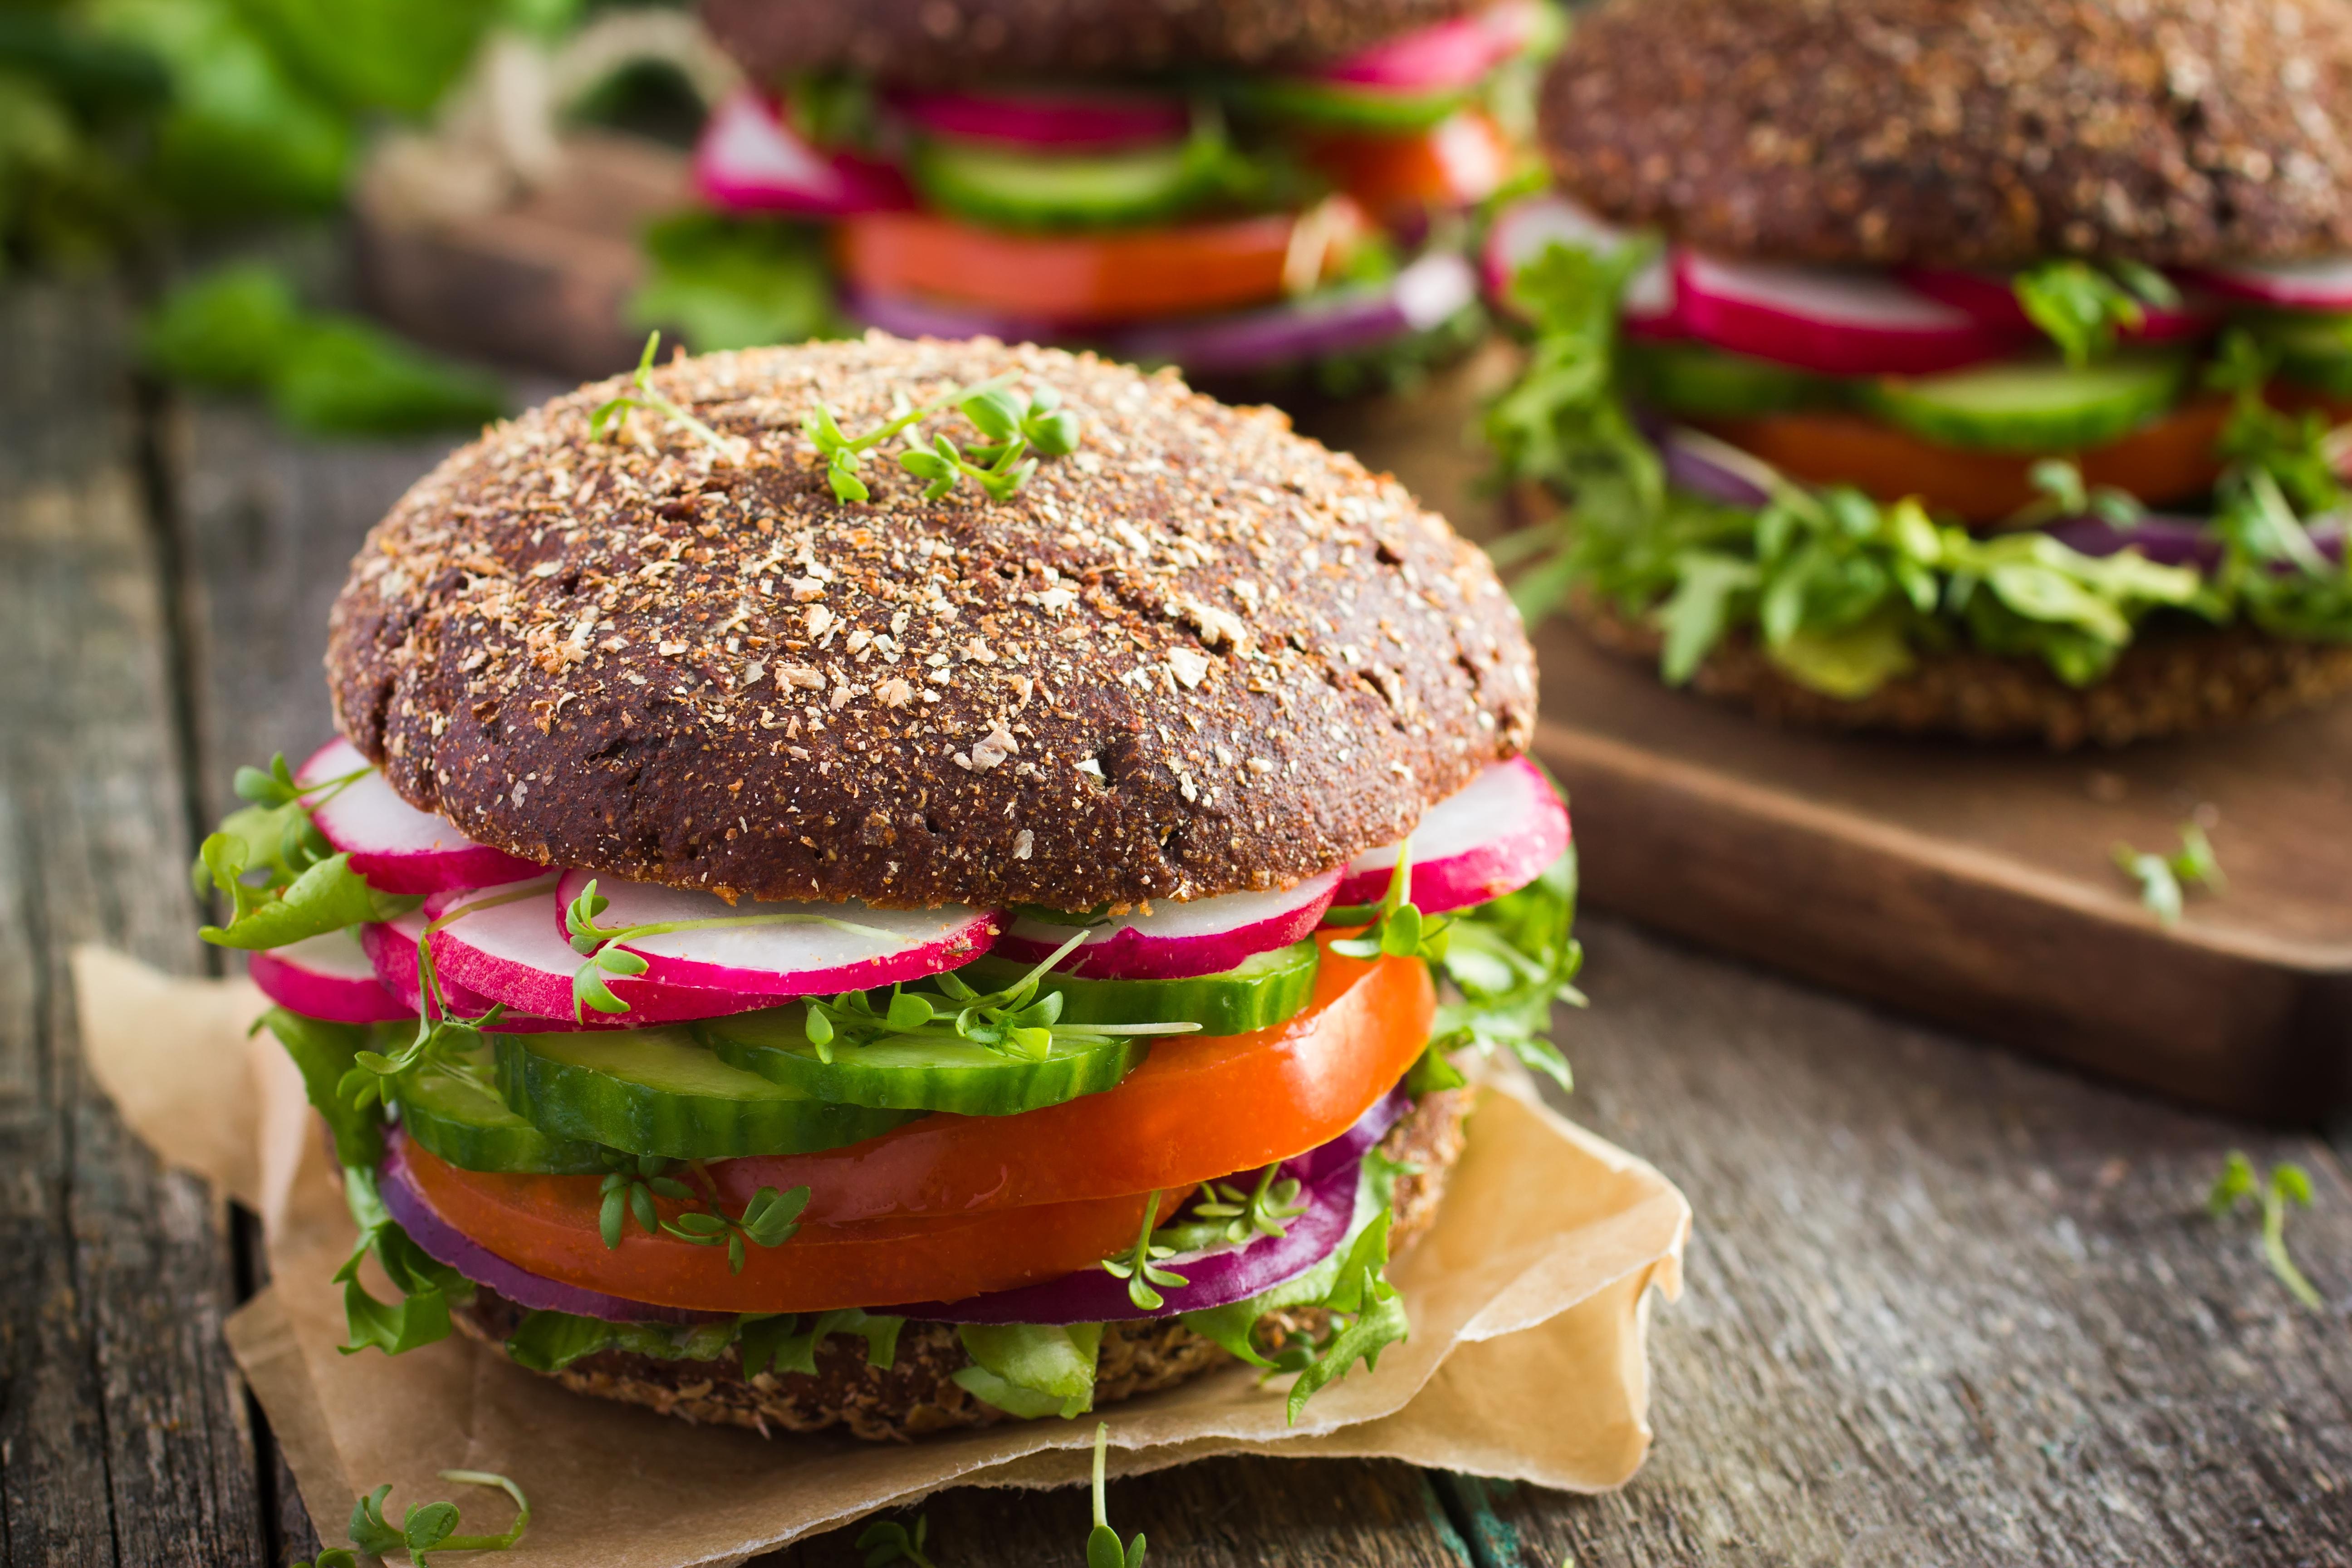 ac2499d5cf6 Základy stravování aneb složení potravin jako základ jídelníčku